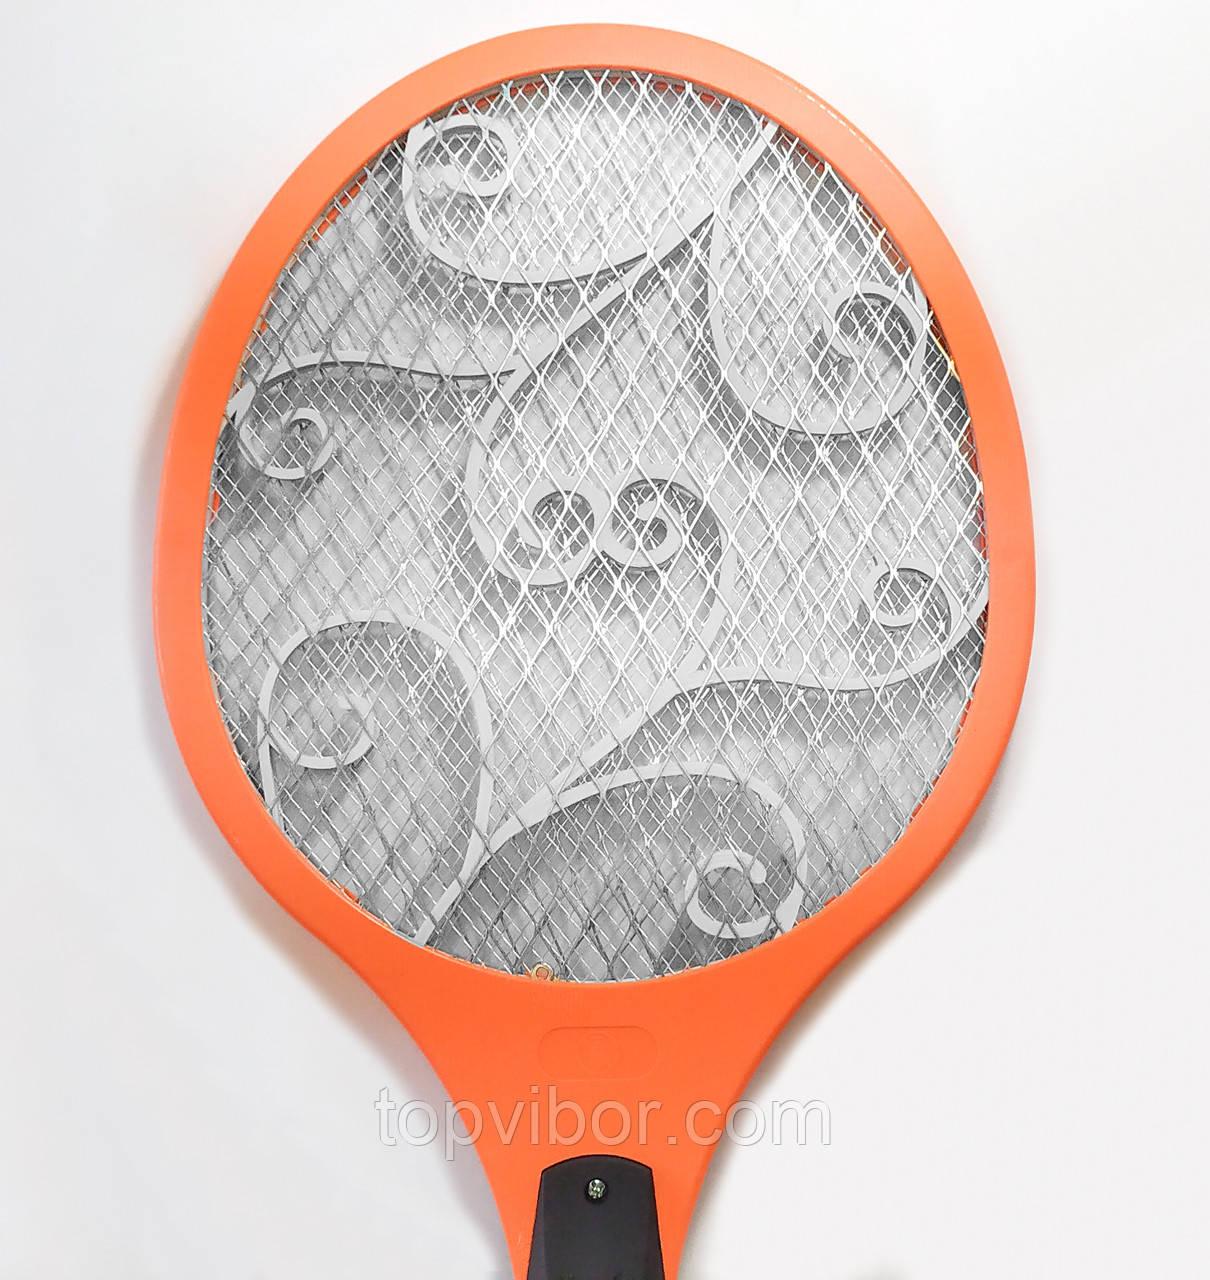 Електромухобійка на акумуляторі Помаранчева, електро ракетка від комарів | ракетка для убийства мух